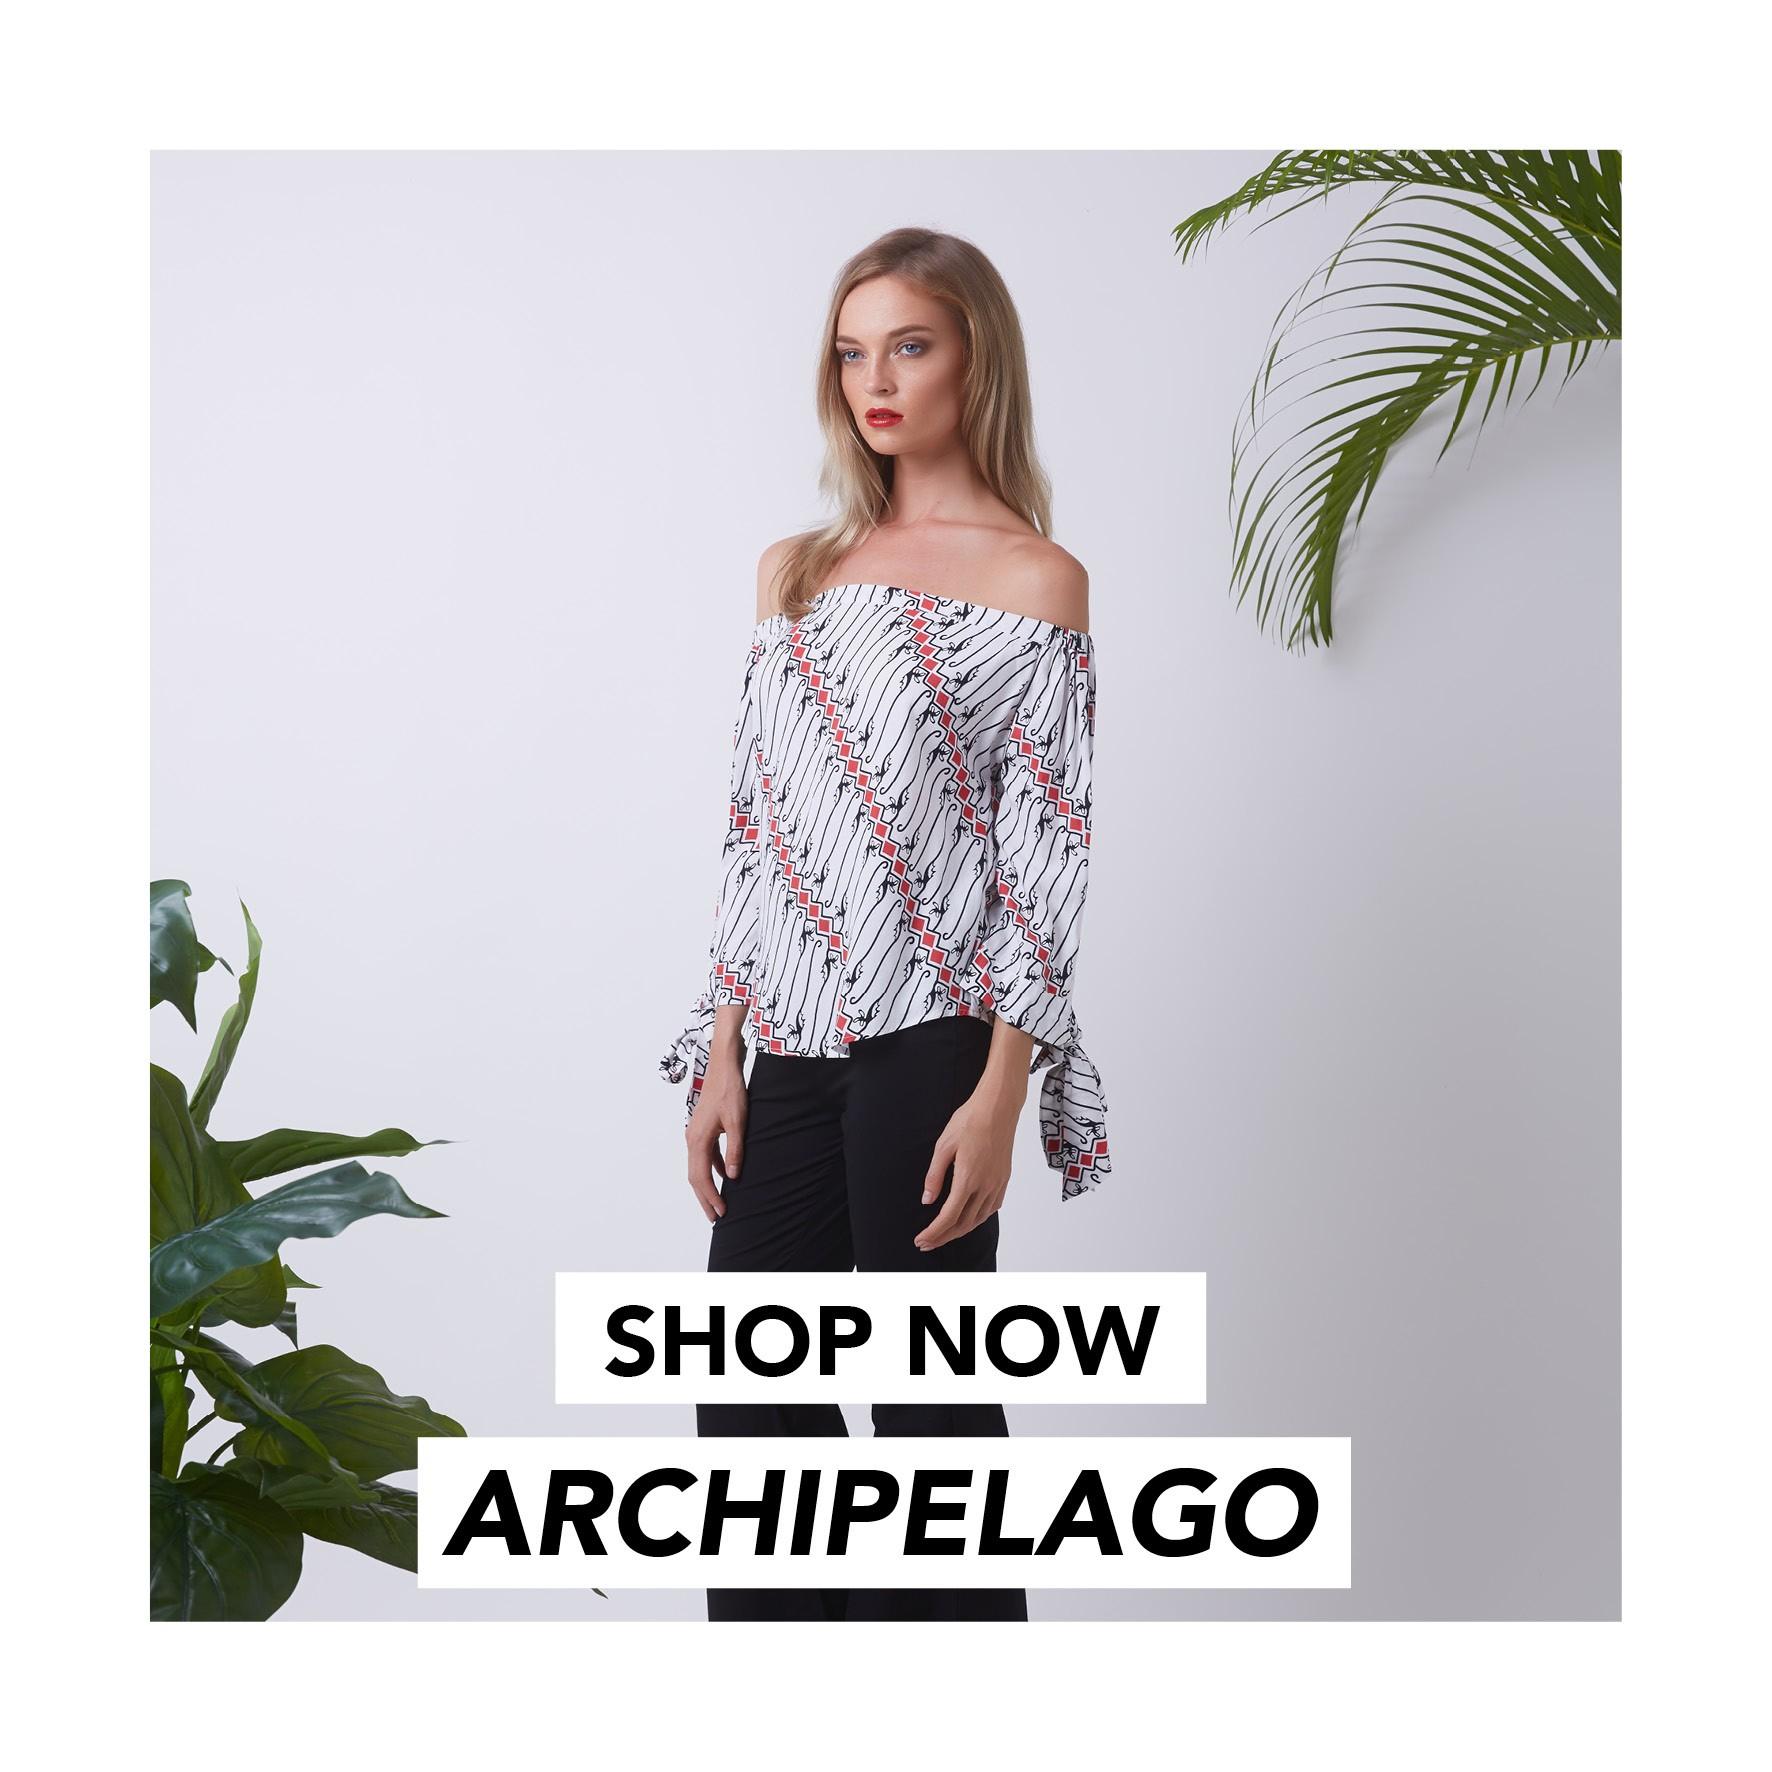 SHOP ARCHIPELAGO